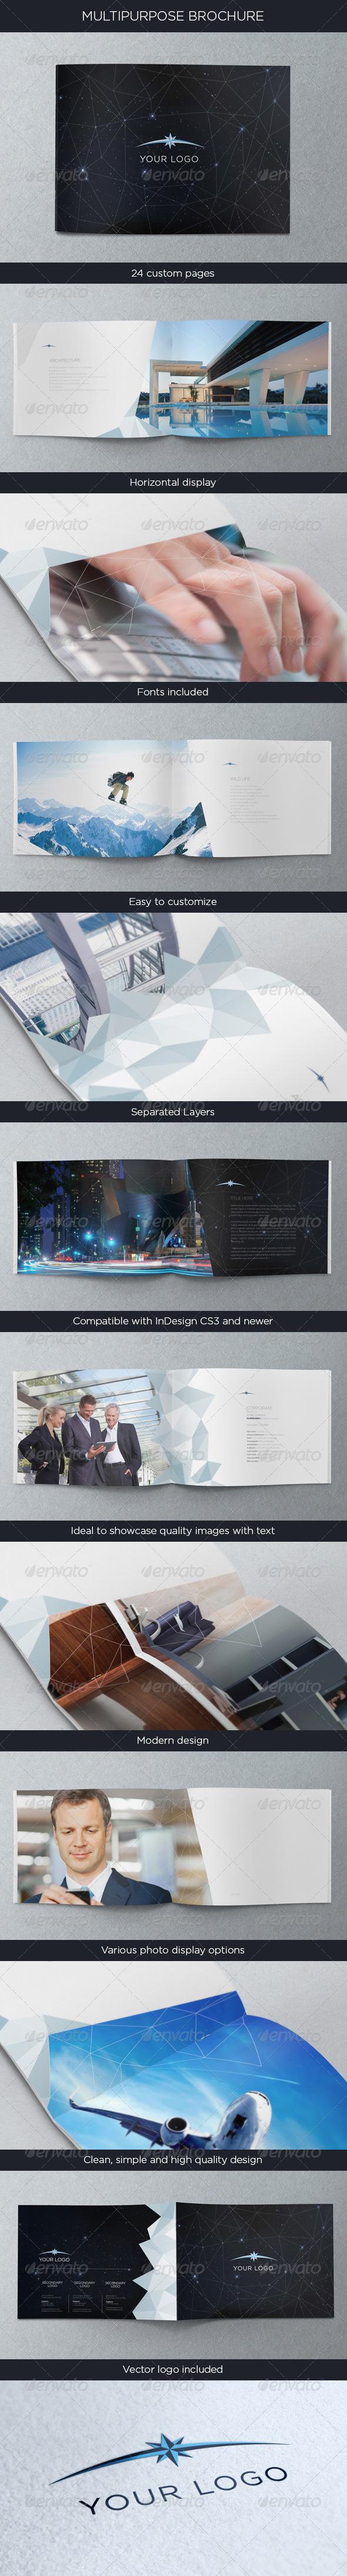 GraphicRiver Multipurpose Brochure 4541485